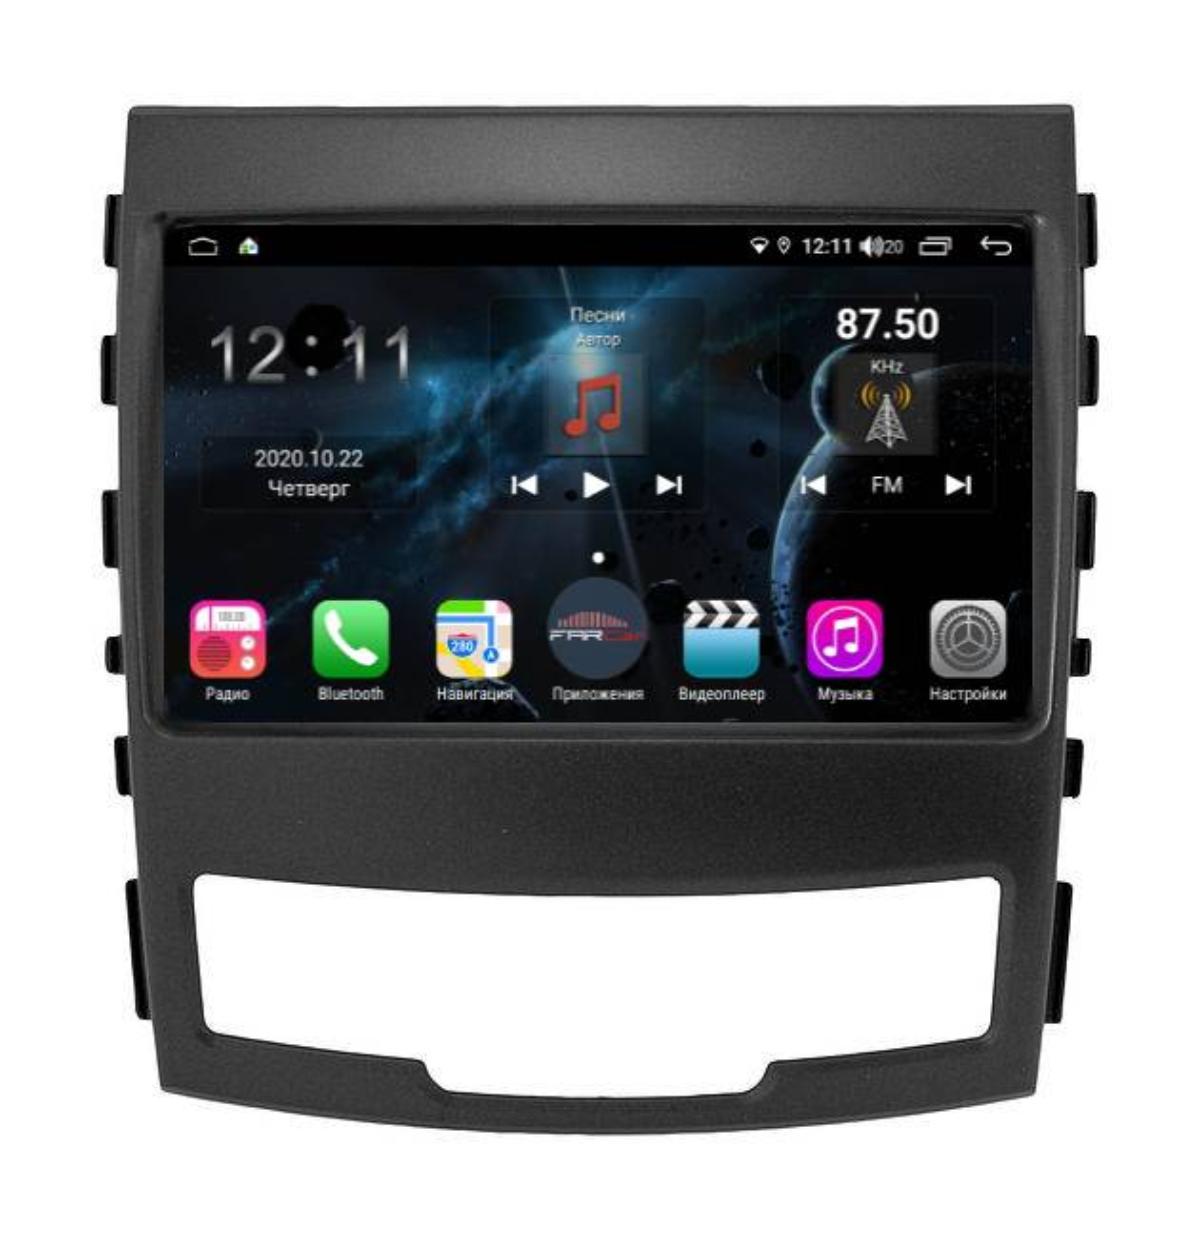 Штатная магнитола FarCar s400 для Ssang Yong Actyon new на Android (H159R) (+ Камера заднего вида в подарок!)